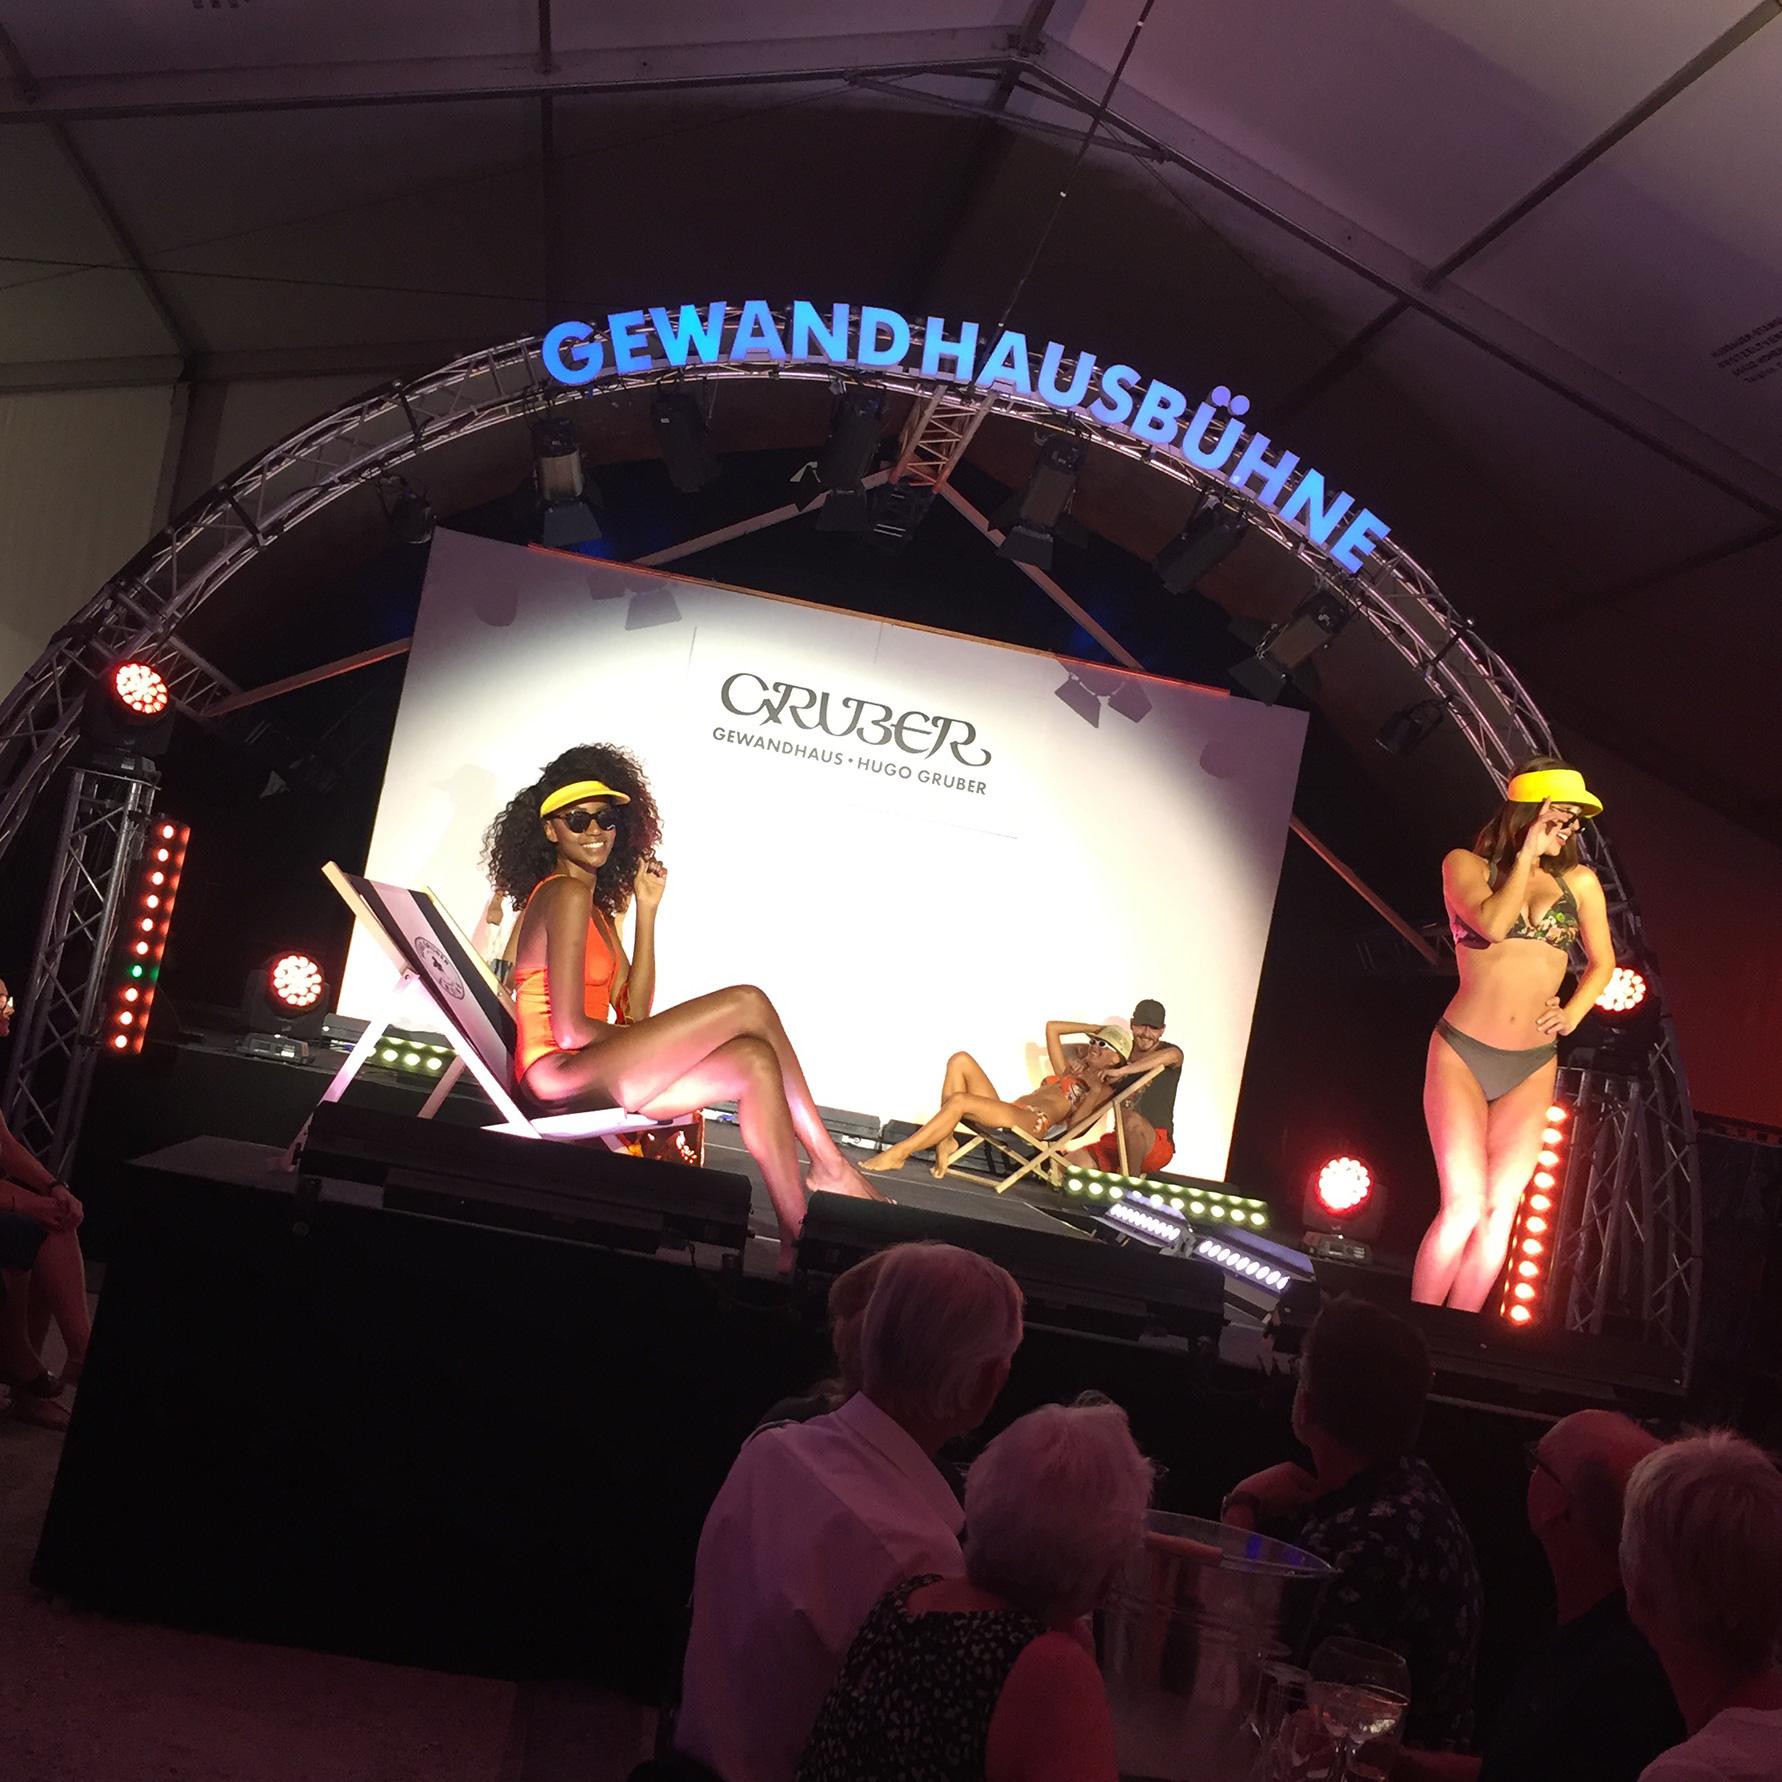 Ze(le)bration der Mode Modenschau auf der Gewandhausbühne